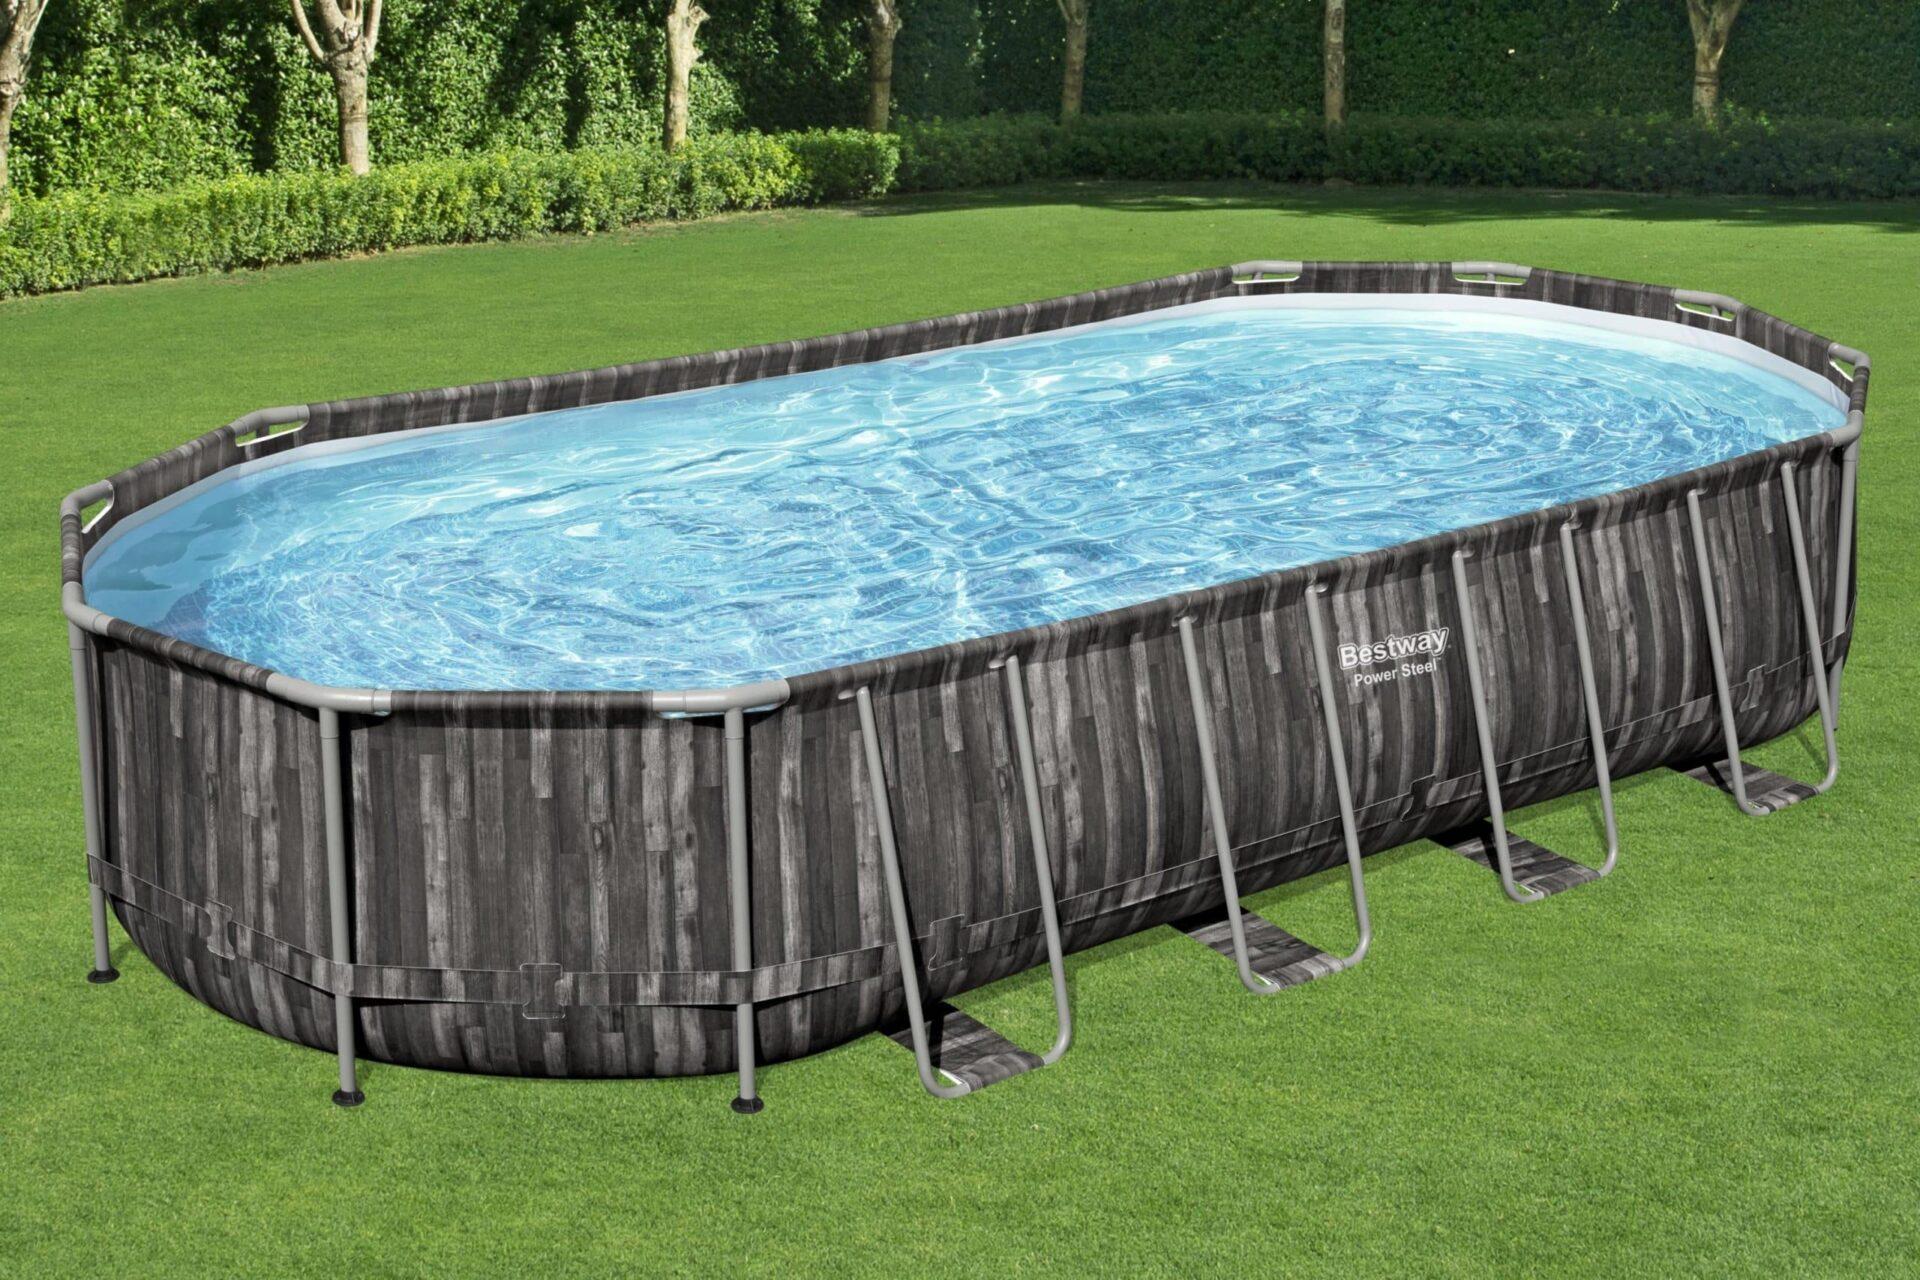 Billig svømmebasseng stor plass